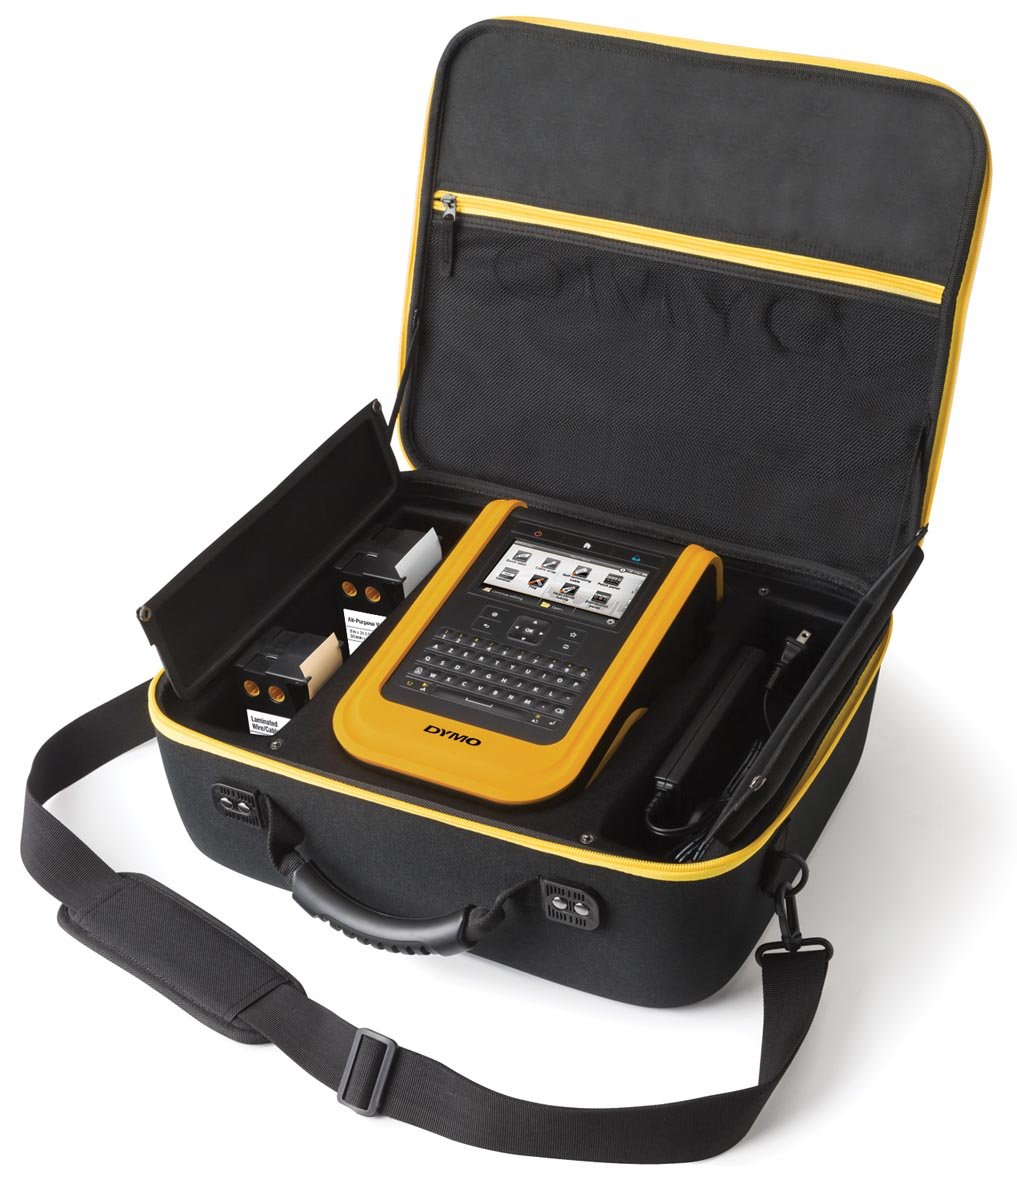 Dymo beletteringsysteem XTL 500, 54 mm, azerty